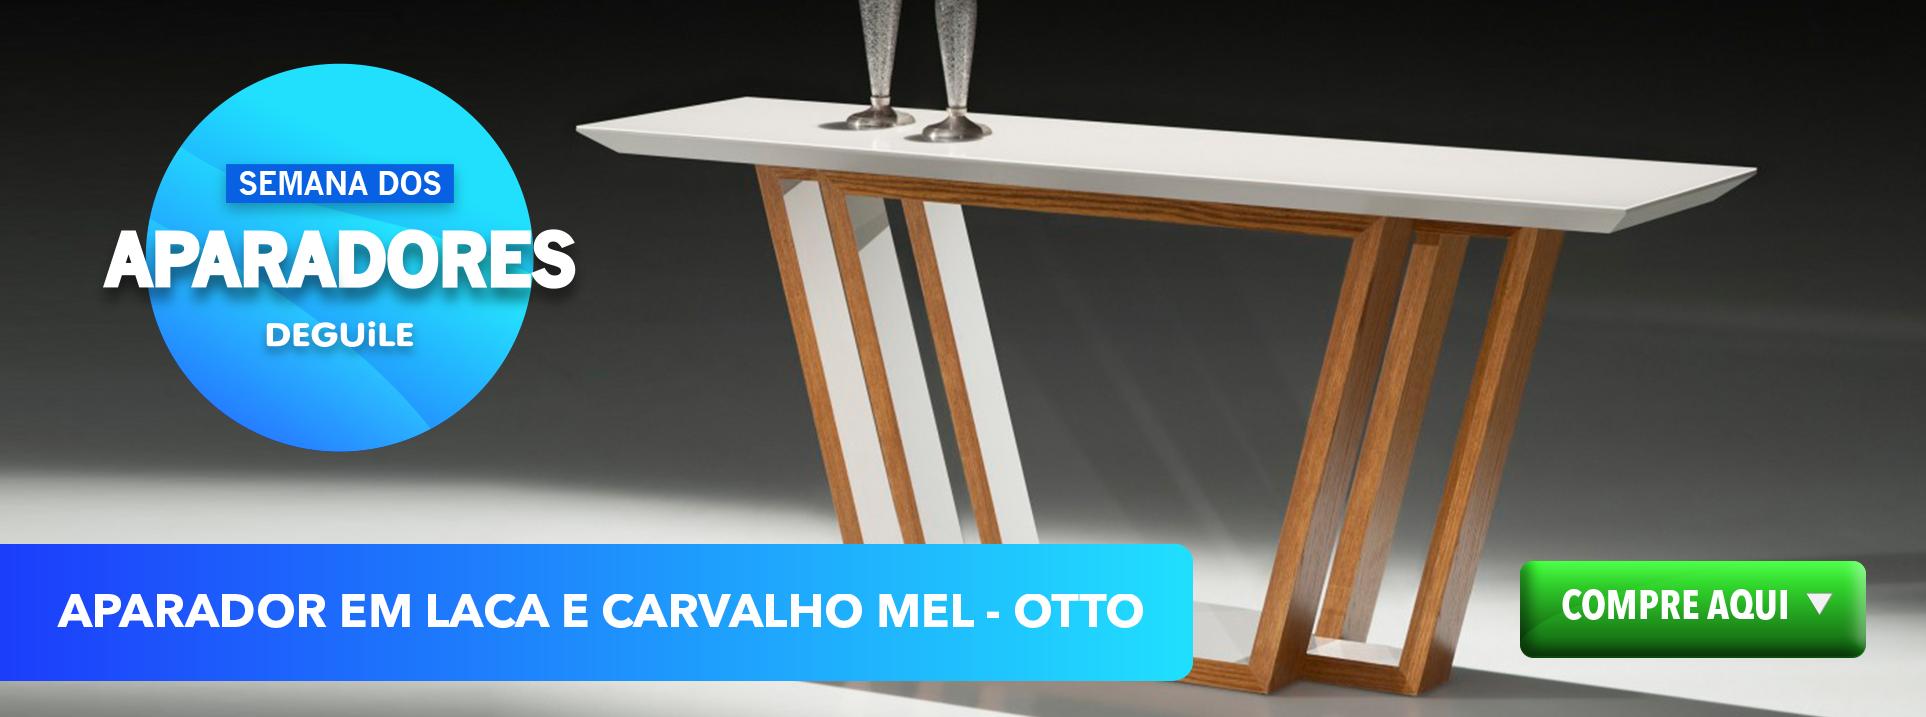 Aparador em Laca e Carvalho Mel - OTTO